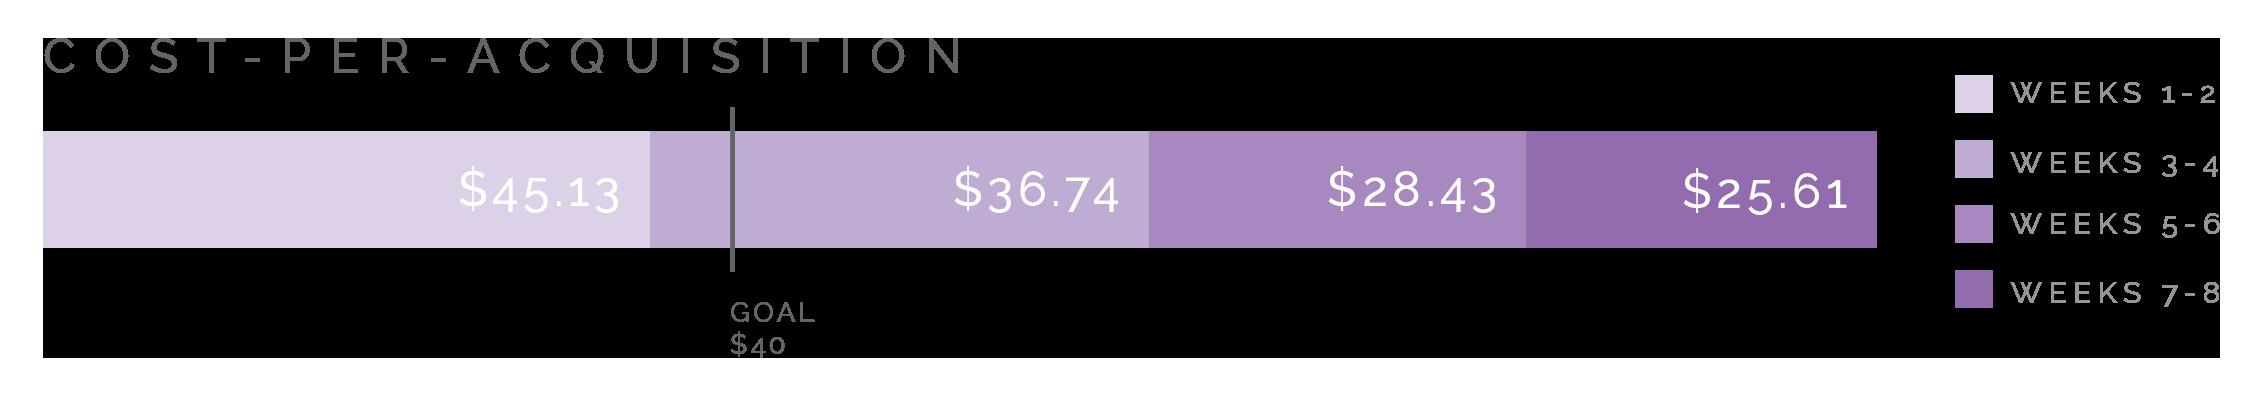 Cost Per Acquisition